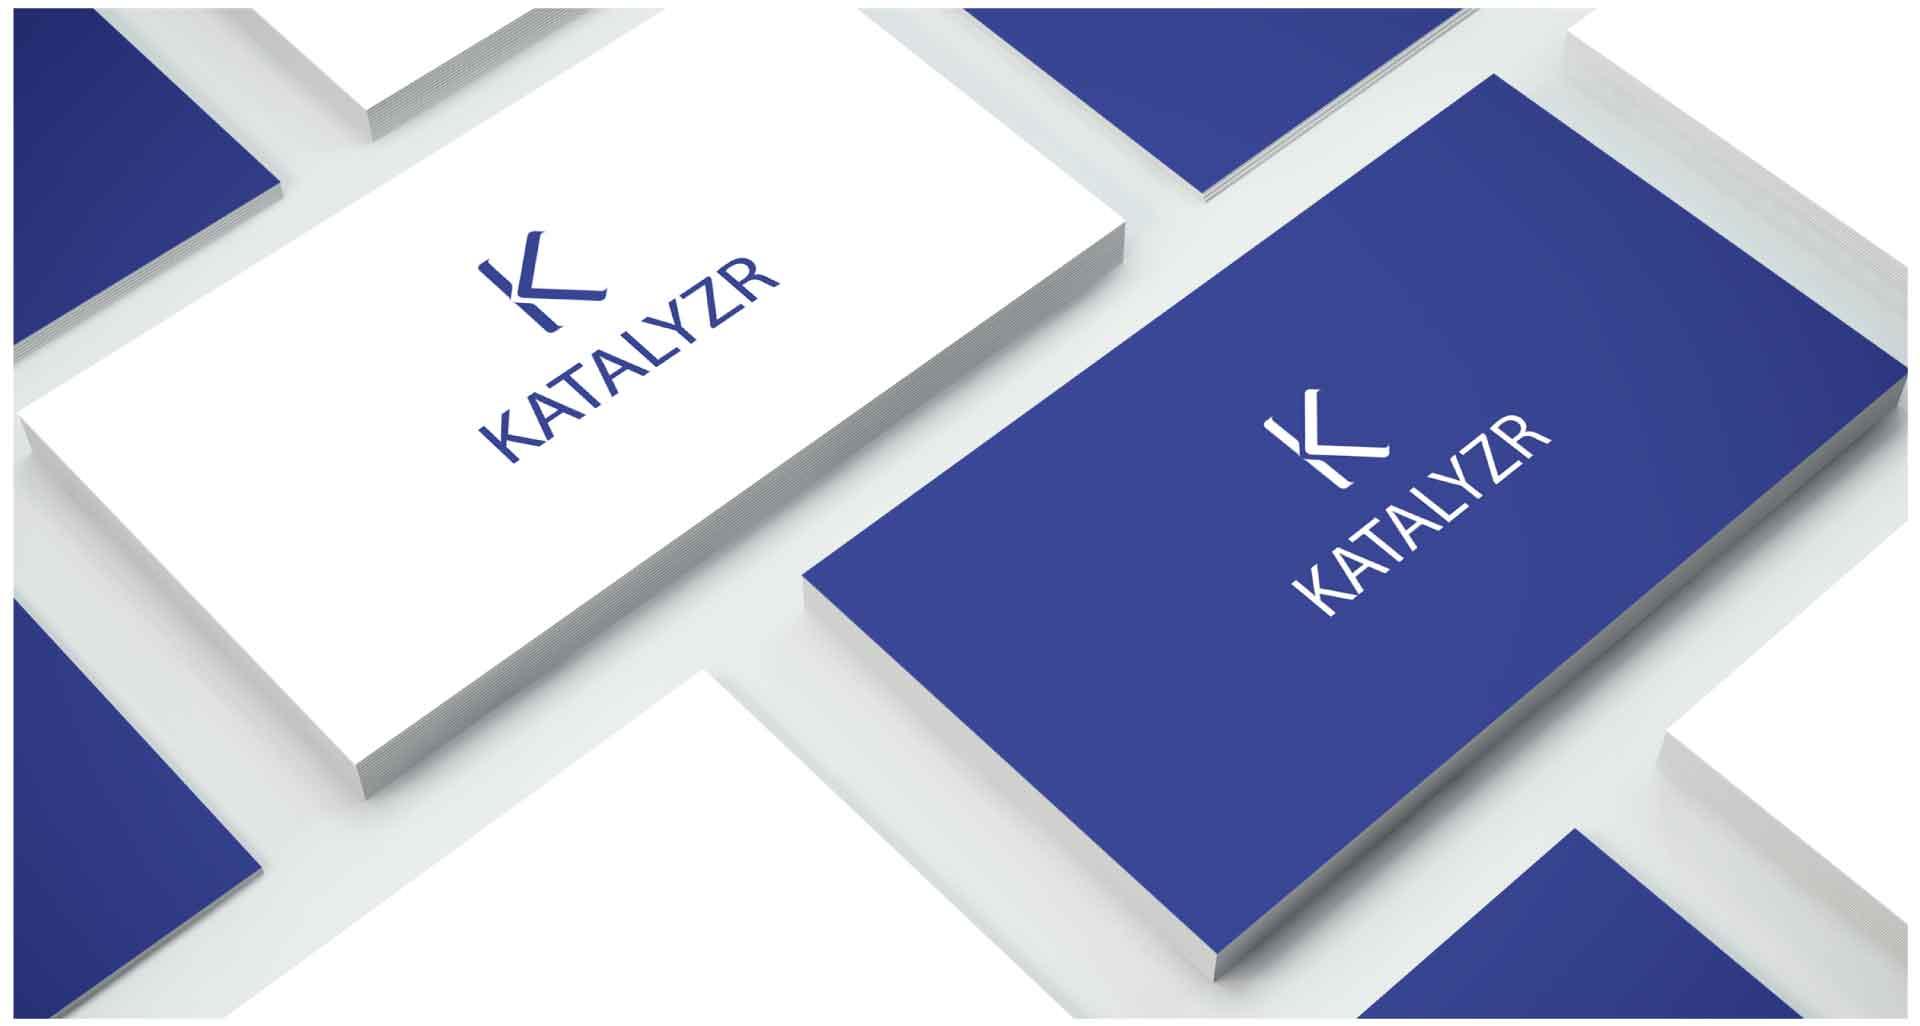 Projet pourKatalyzr par l'agence Cassian